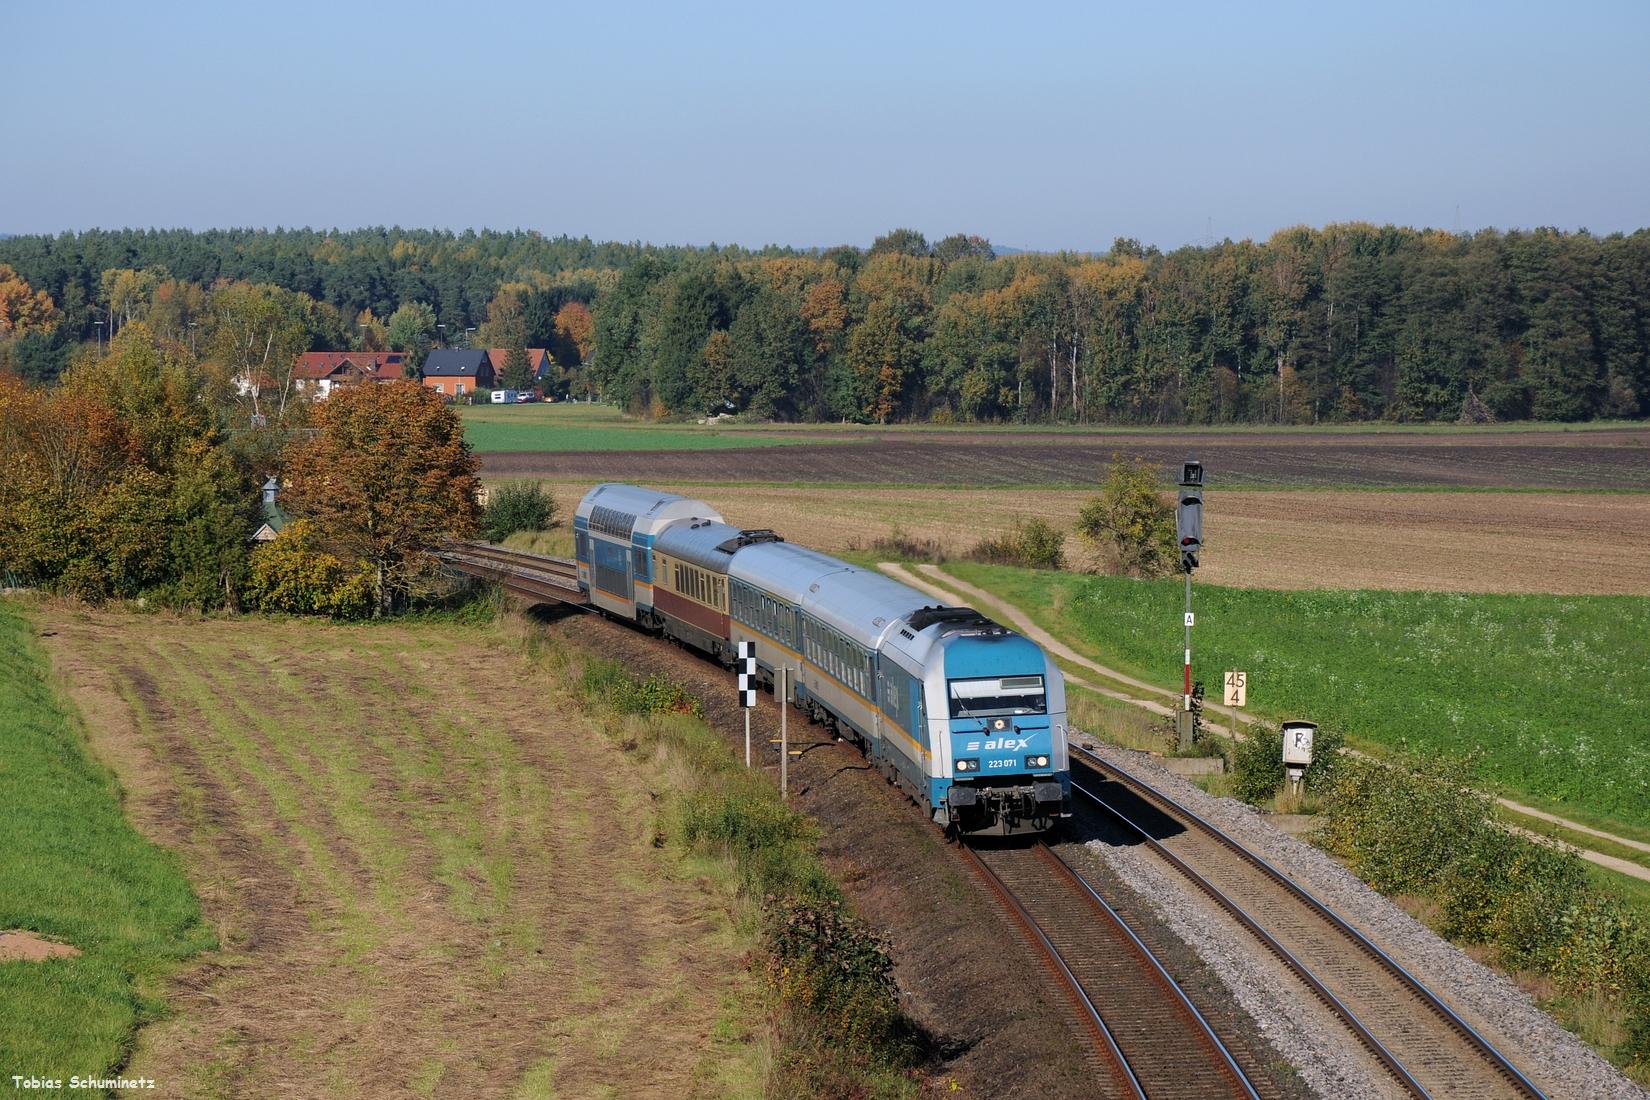 Am 15.10.2017 löste sich dann Mittags auch der Nebel vollständig auf und es waren zwei Kesselwagenzüge der EVB von Cheb nach Vohburg gemeldet. Ich fuhr nach Richt, nördlich von Schwandof, wo ich auf den ersten Zug wartete. Während des Wartens kamen neben einigen 612ern und LINT48 der Oberpfalzbahn auch 223 071 mit dem ALEX84115 vorbei.